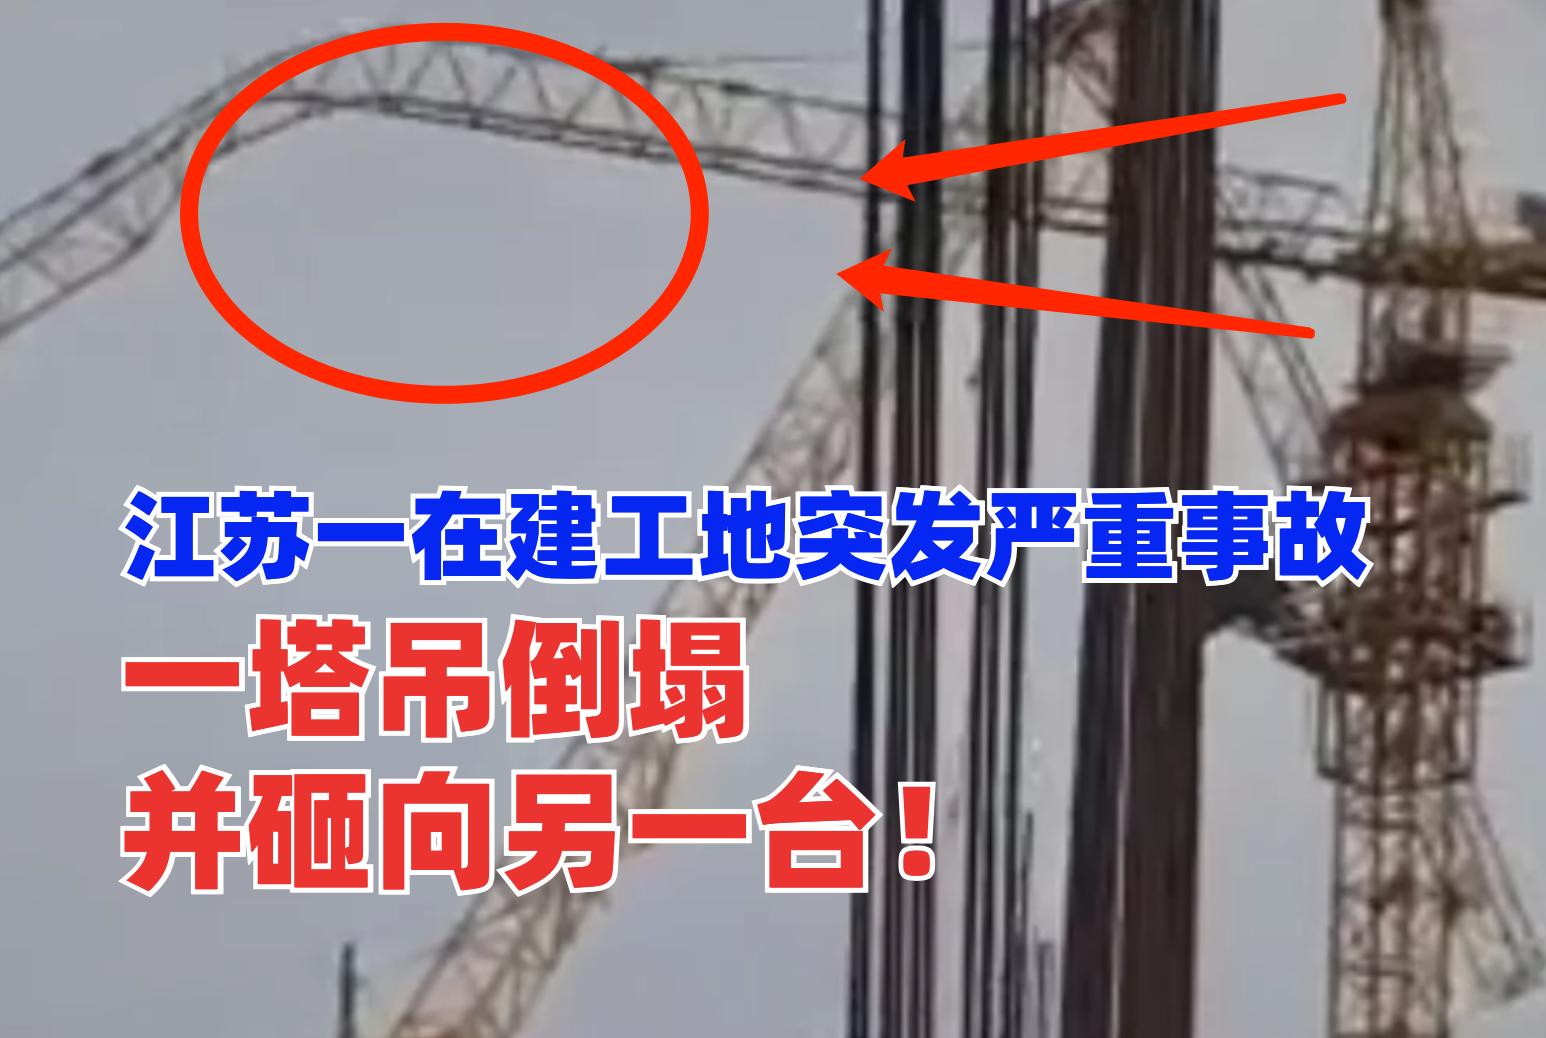 3月8日江苏一在建工地突发严重事故:一塔吊倒塌并砸向另一台!